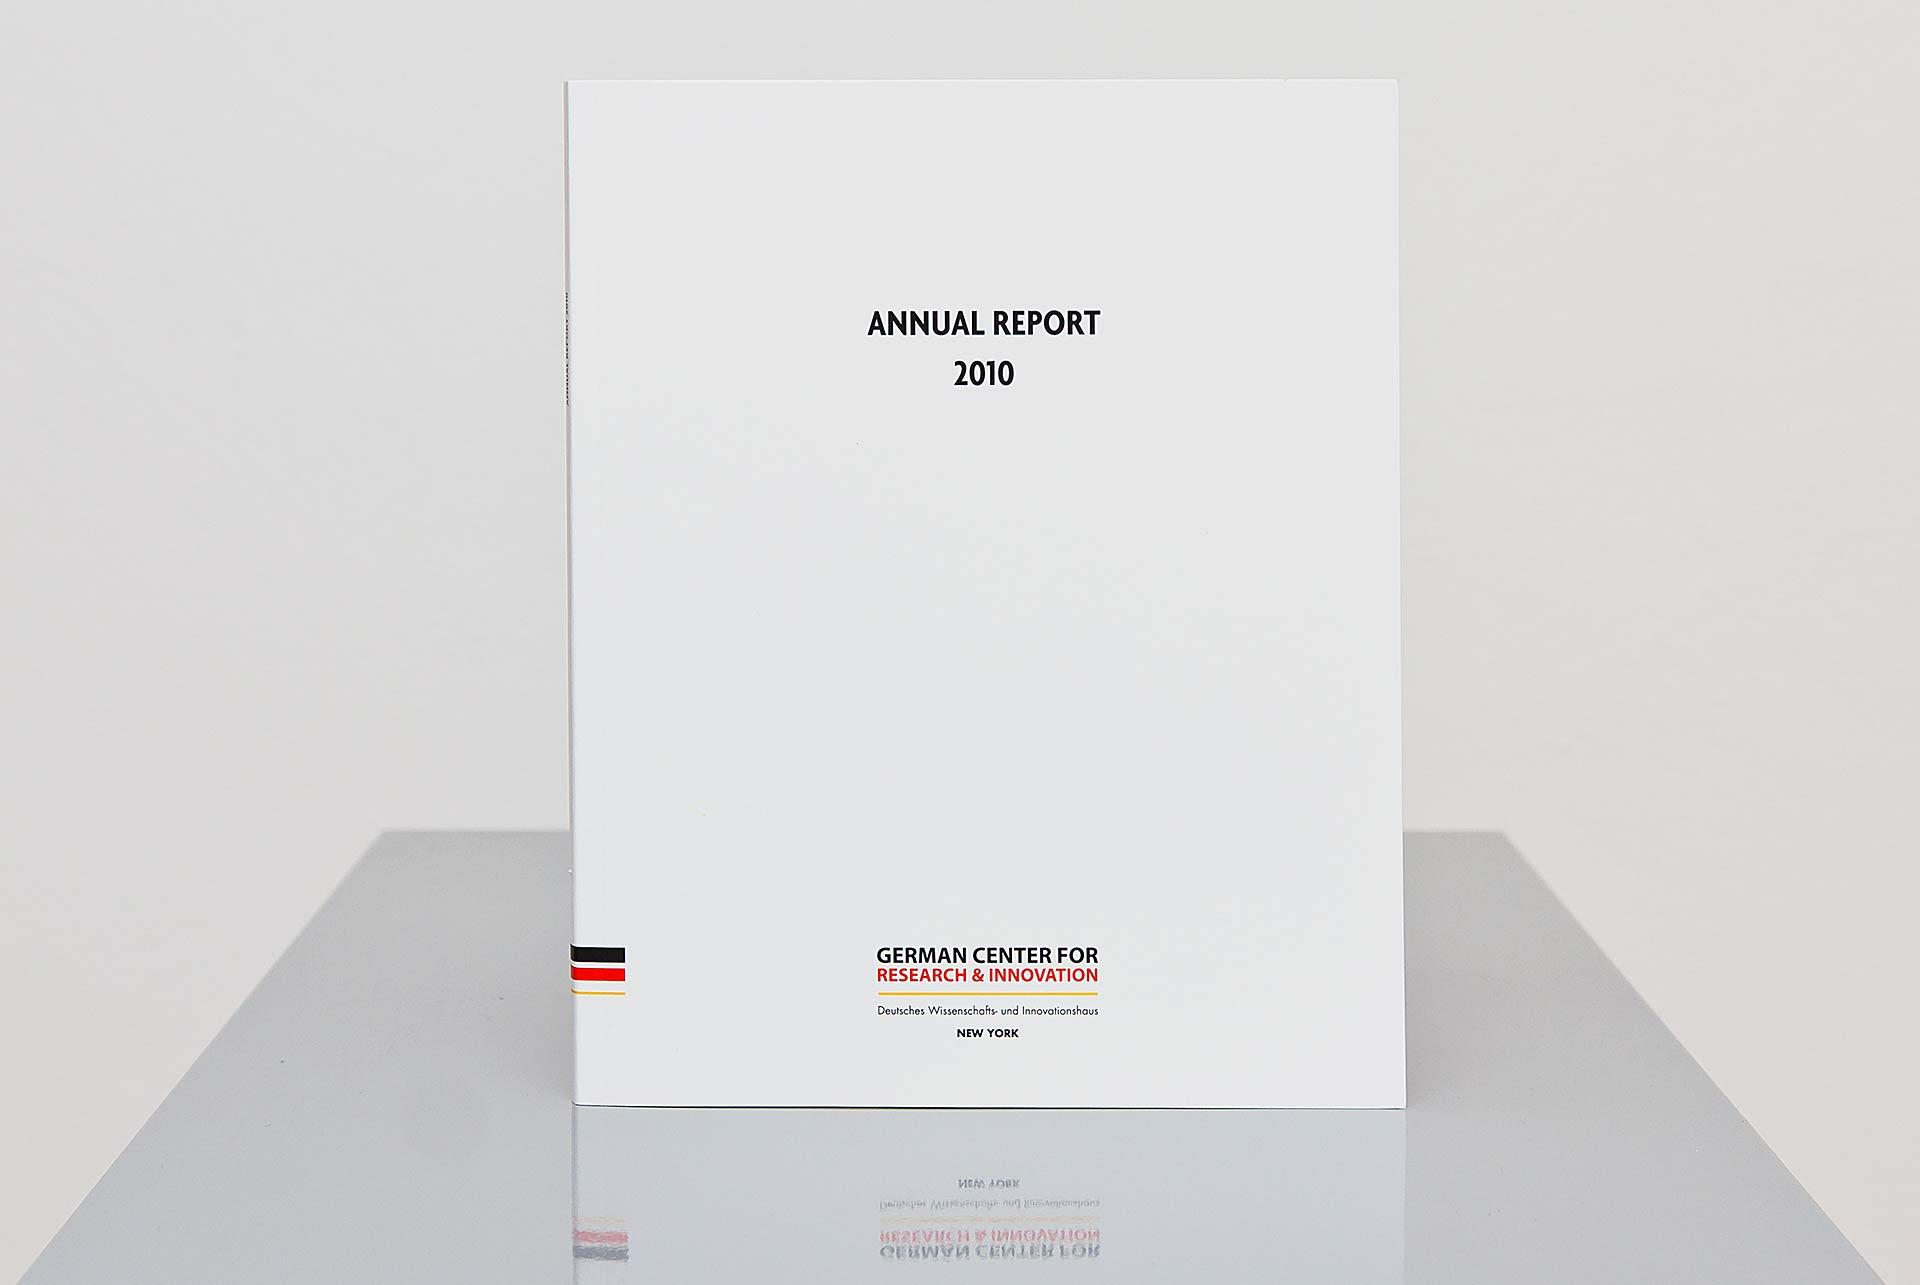 GCRI New York Annual Report 2010